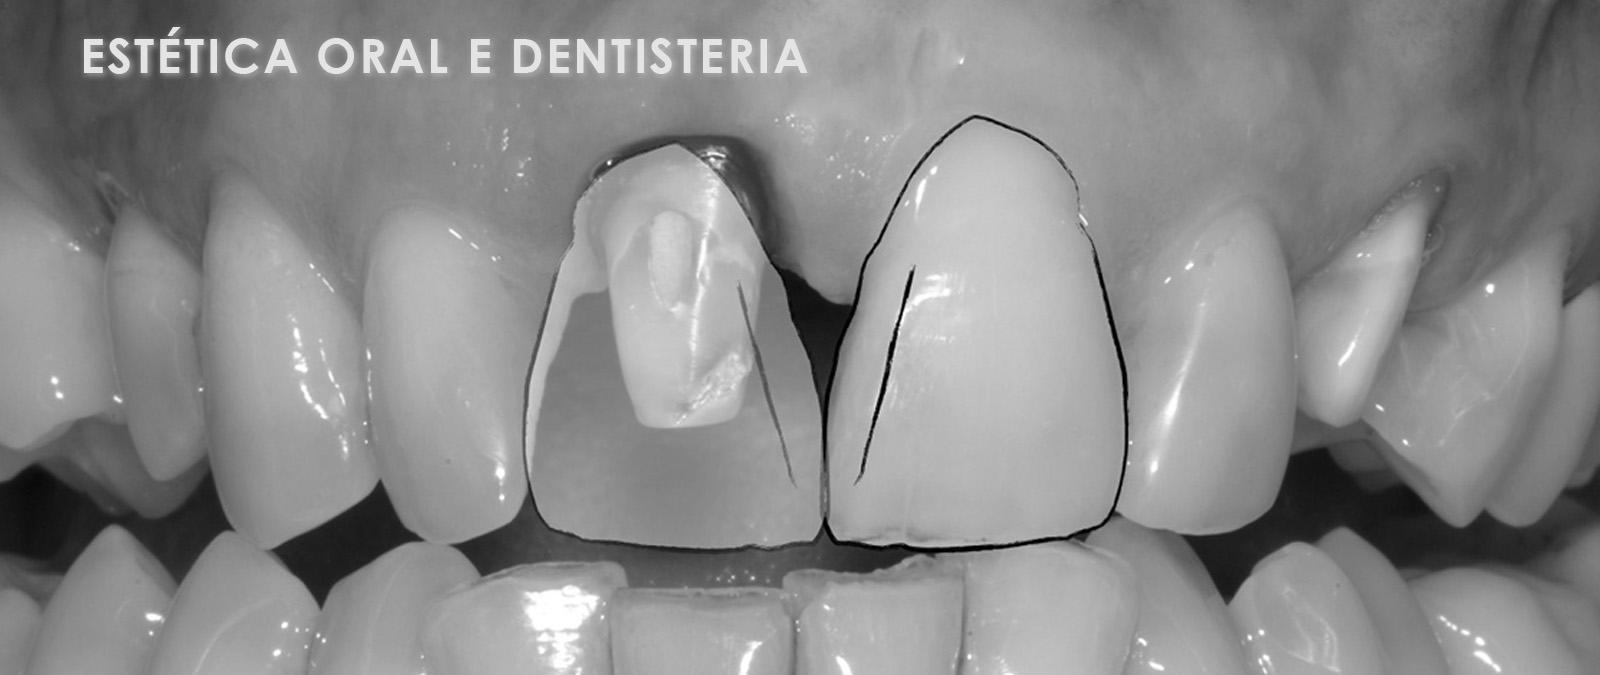 Estética Oral e Dentisteria para áreas clínicas medicis